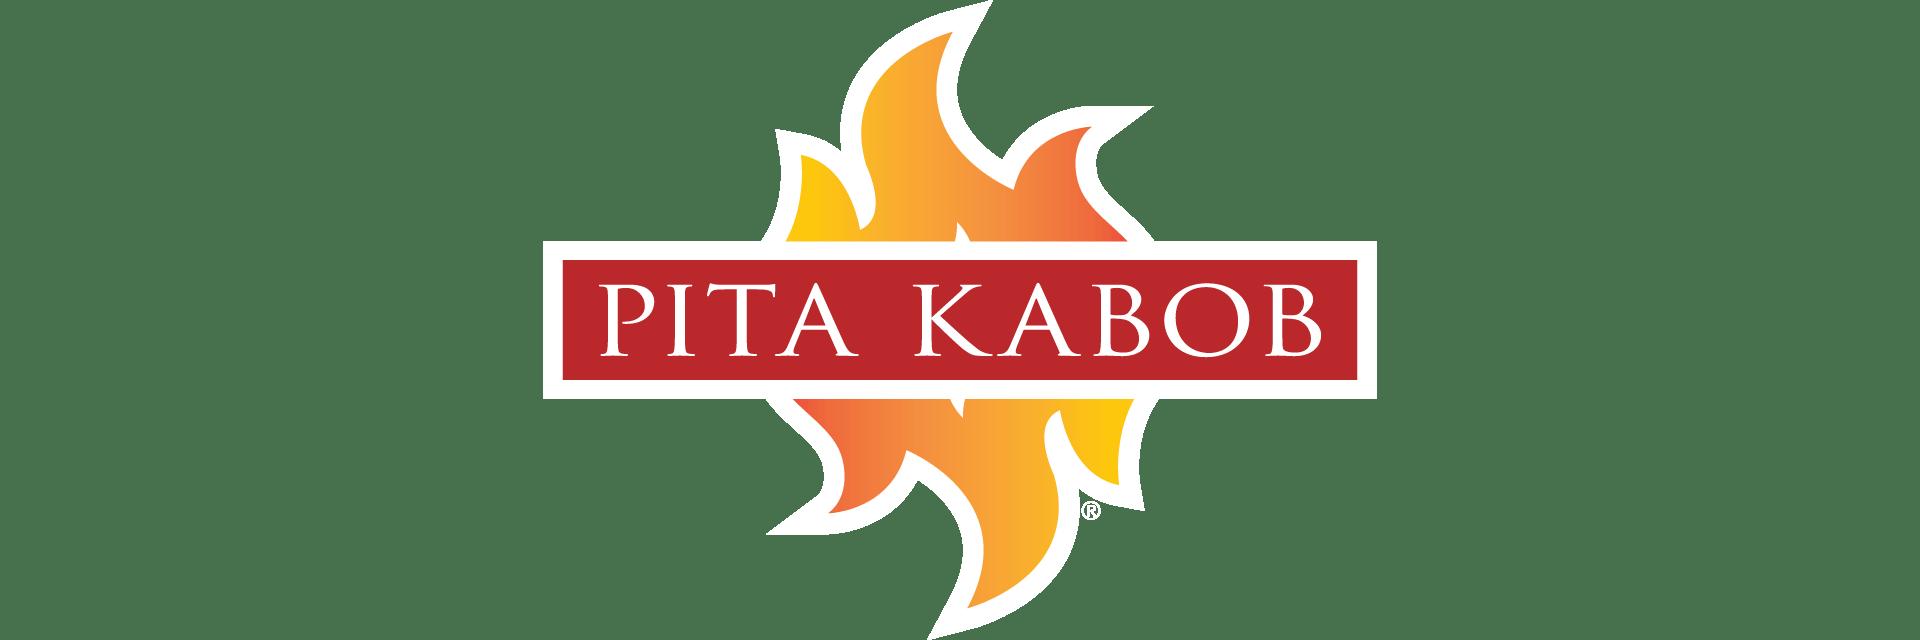 Pita Kabob